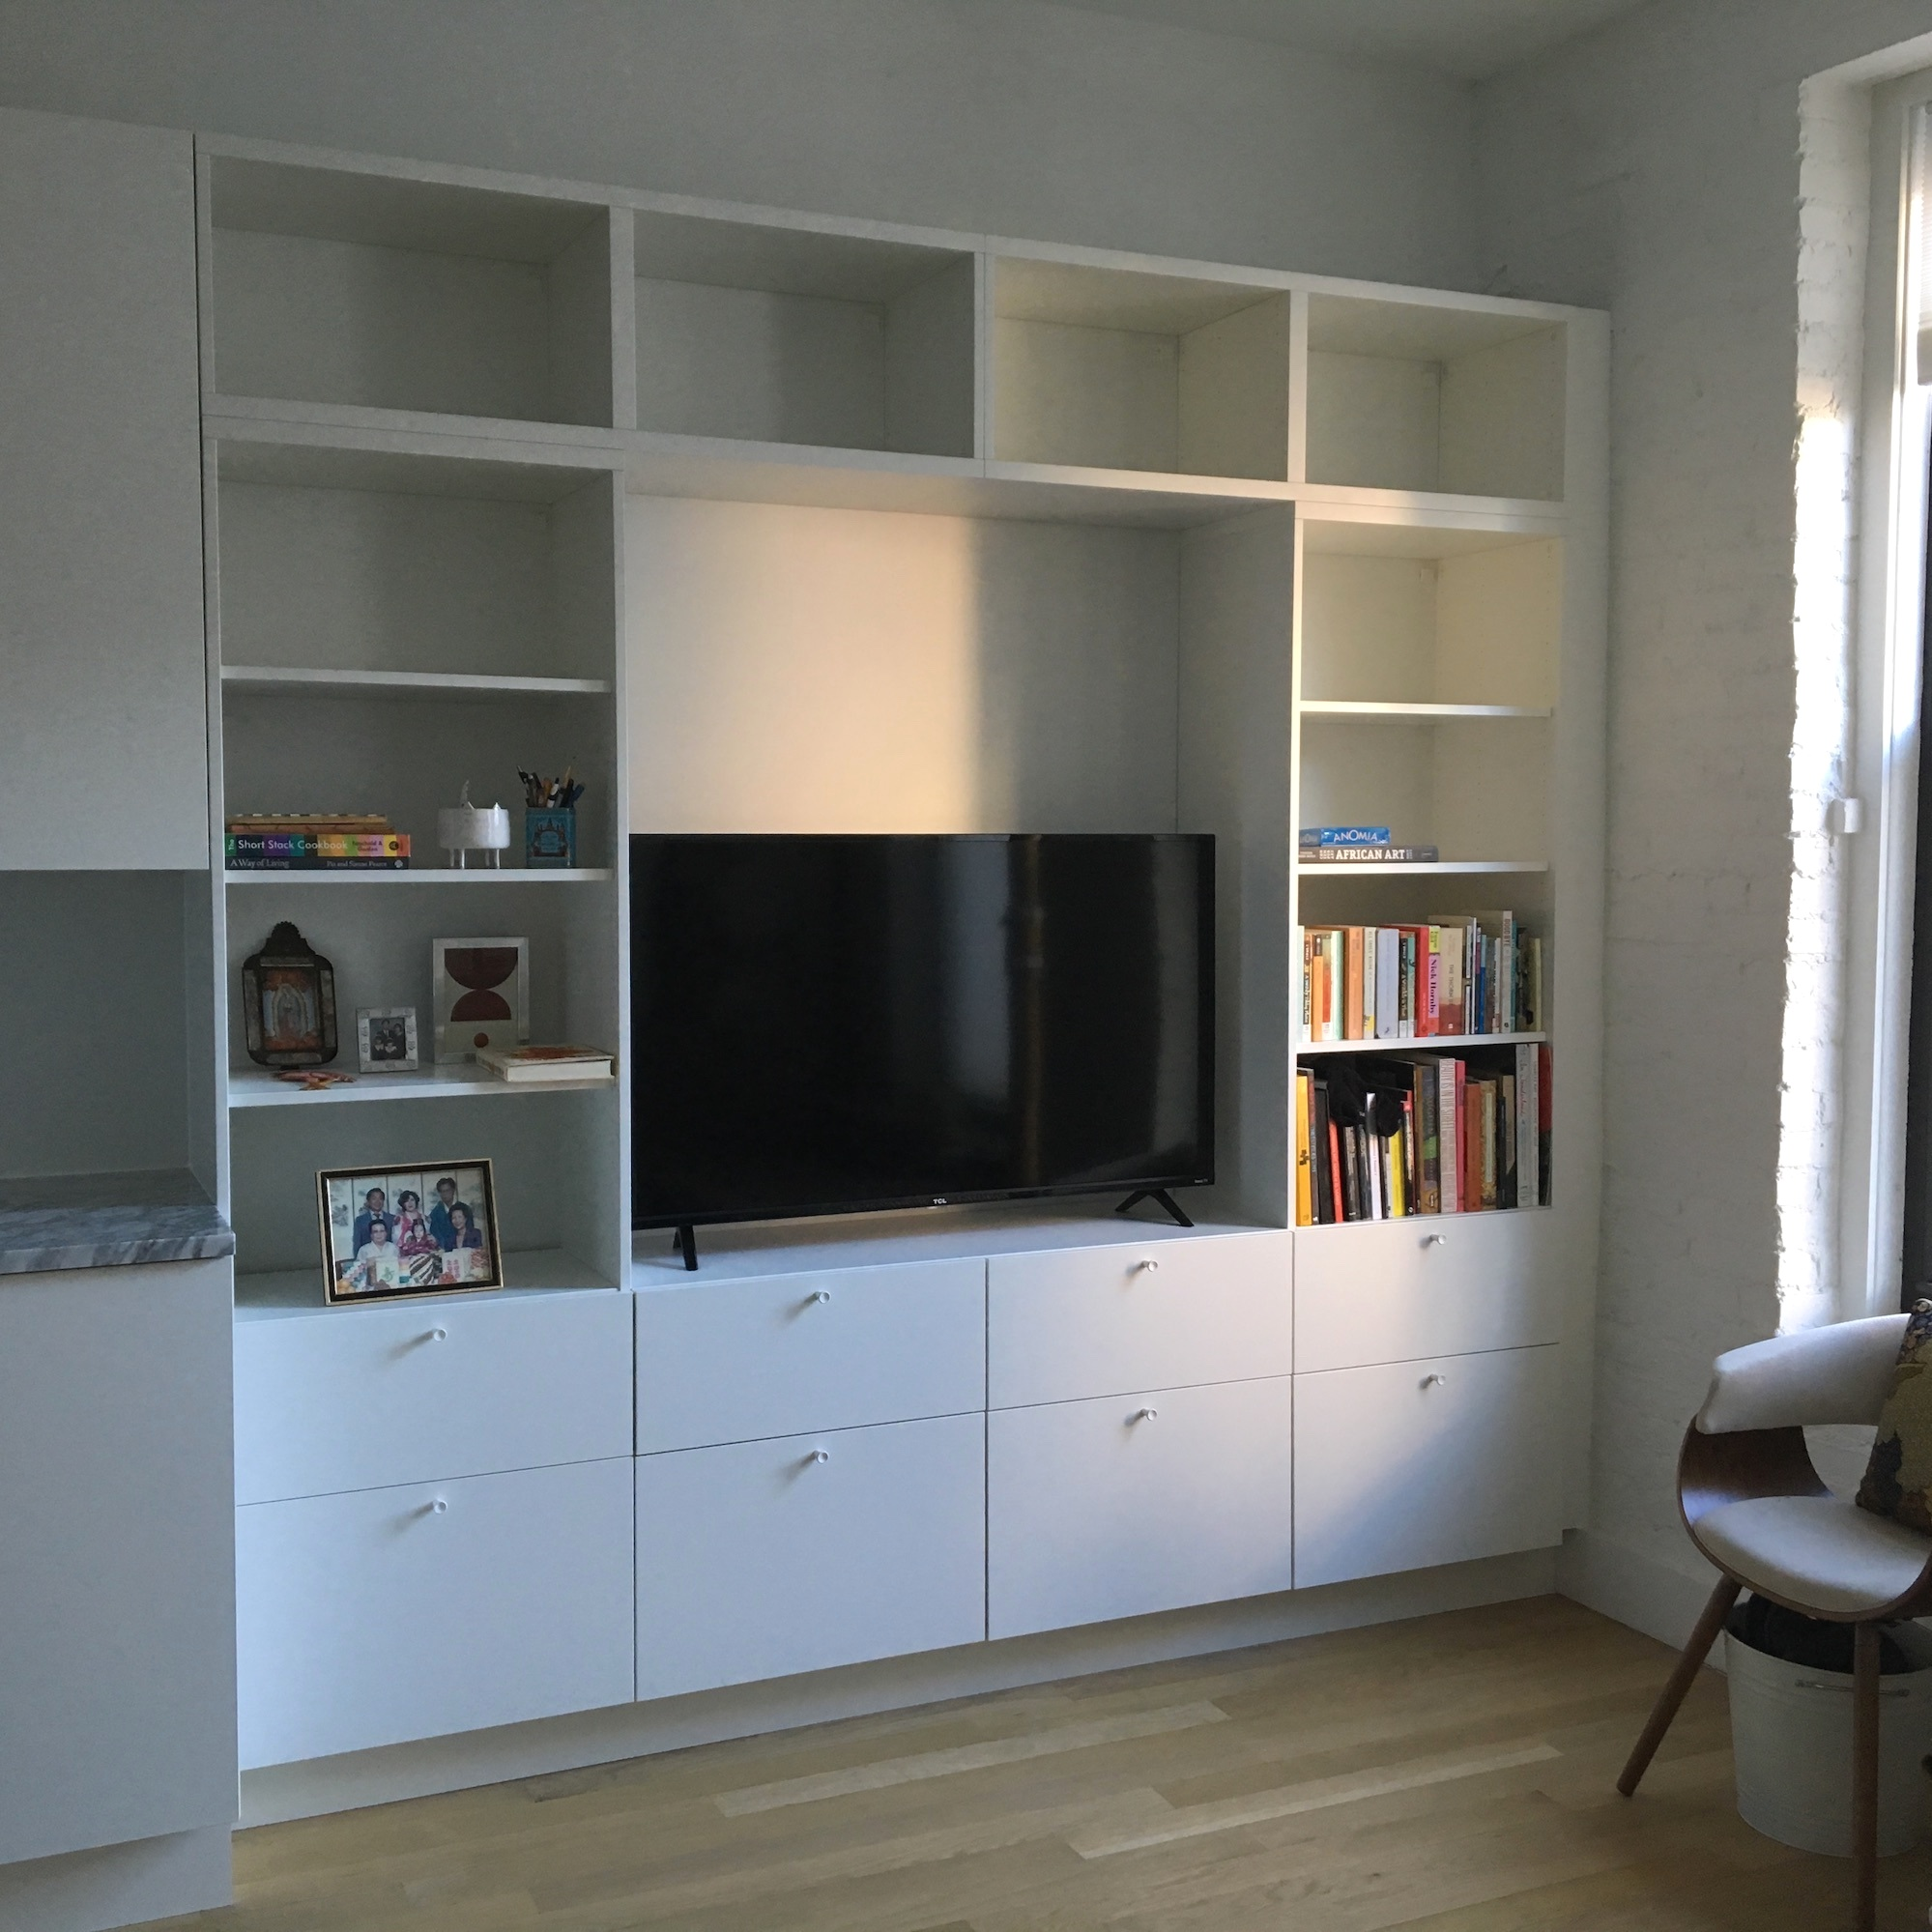 Ikea Cabinets, Williamsburg, Brooklyn